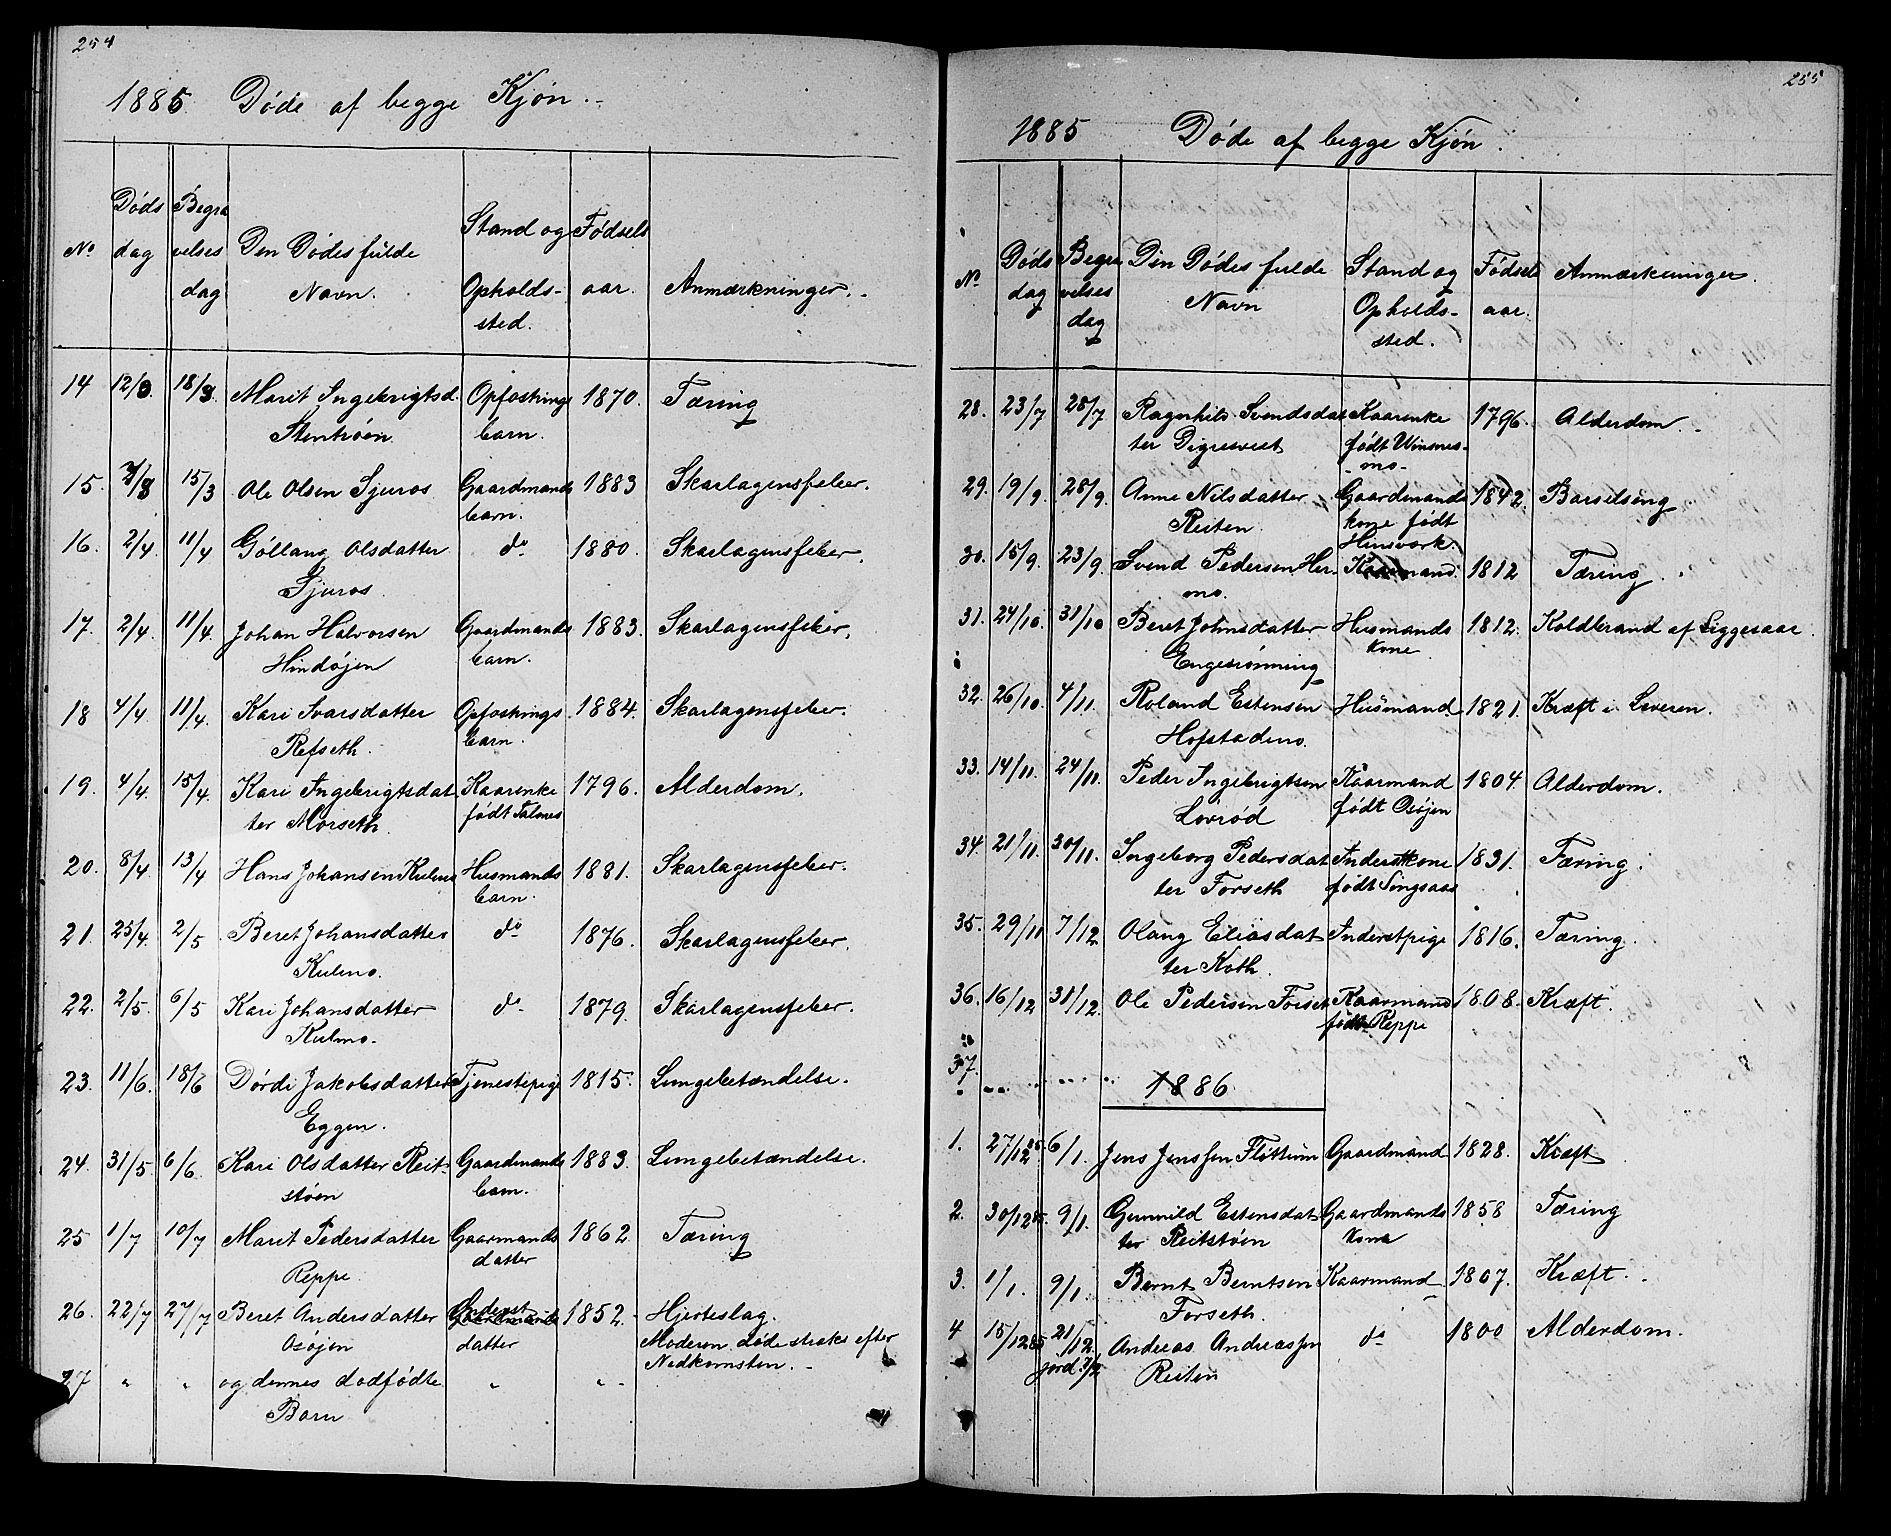 SAT, Ministerialprotokoller, klokkerbøker og fødselsregistre - Sør-Trøndelag, 688/L1027: Klokkerbok nr. 688C02, 1861-1889, s. 254-255